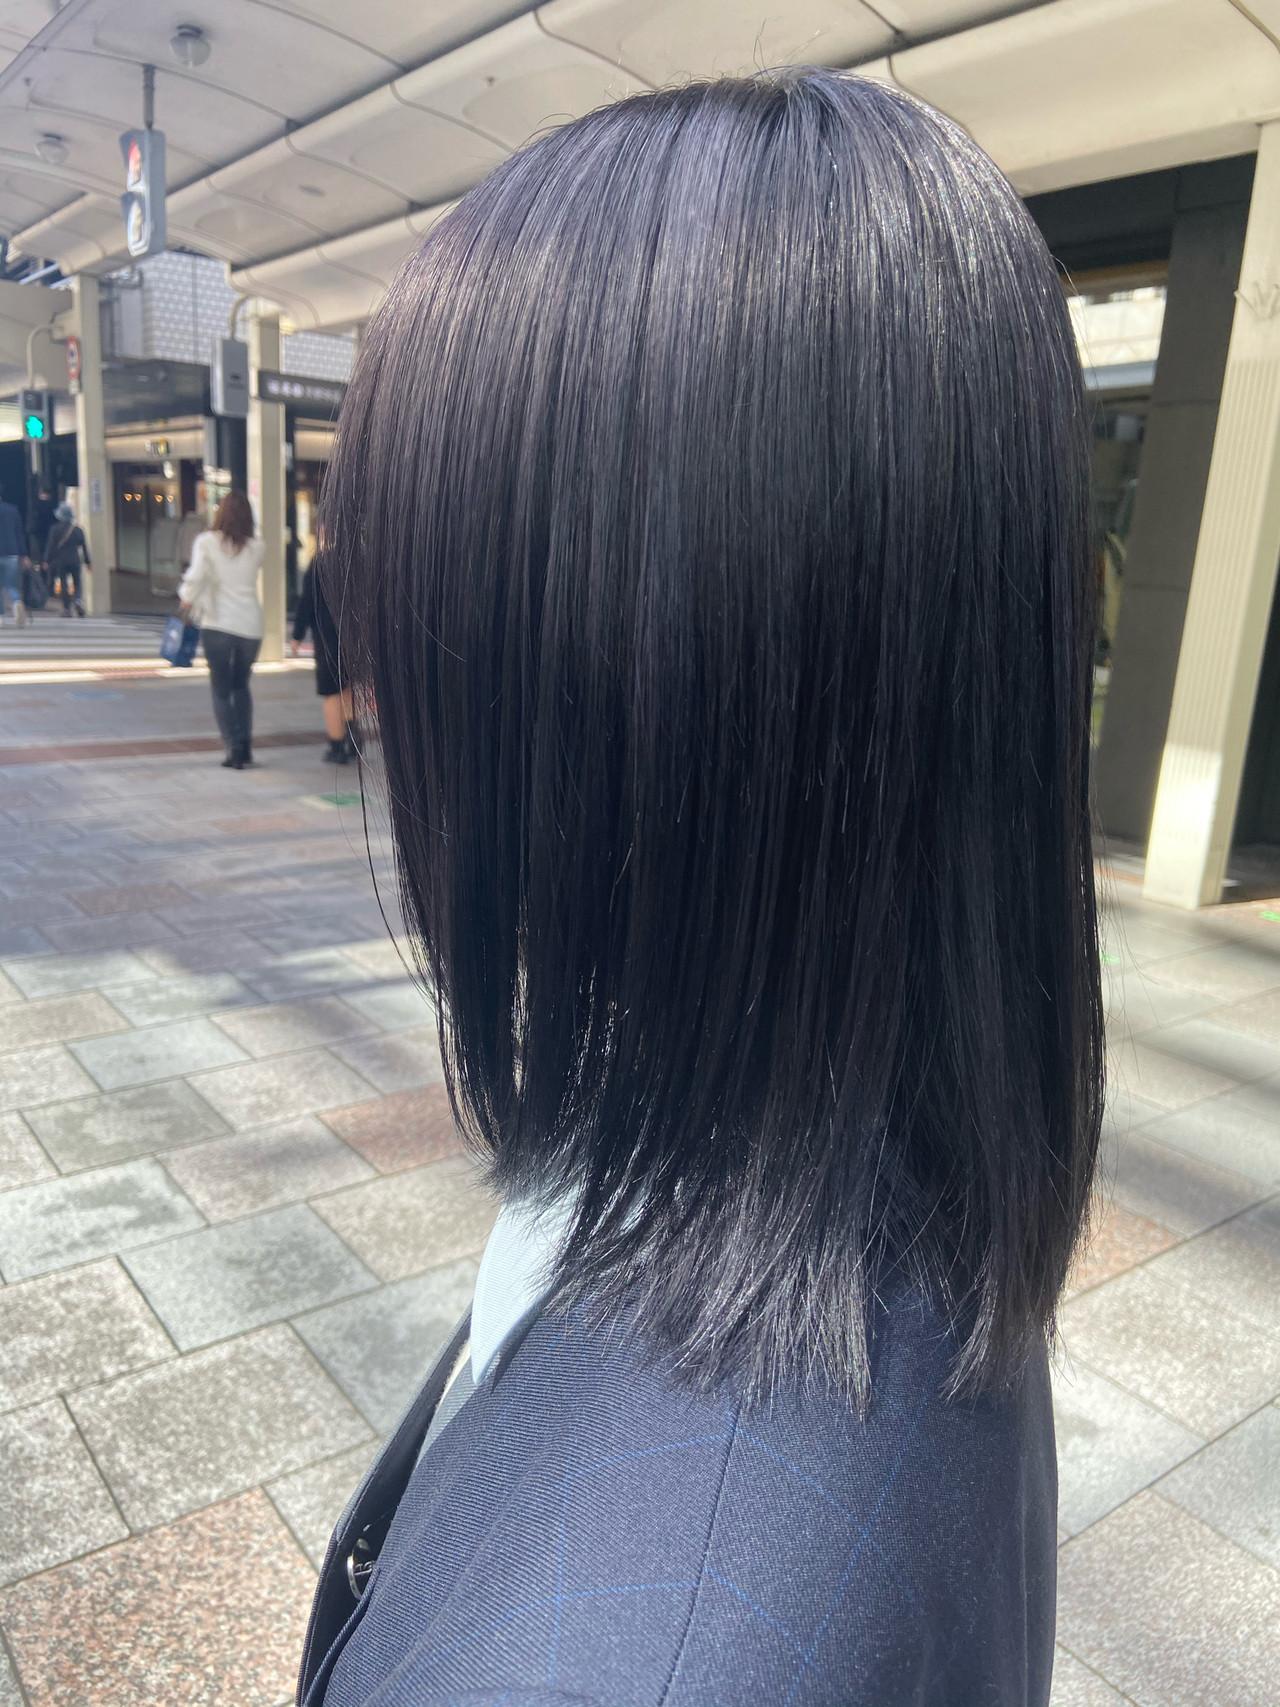 アッシュグレージュ アッシュベージュ アッシュ ナチュラル ヘアスタイルや髪型の写真・画像